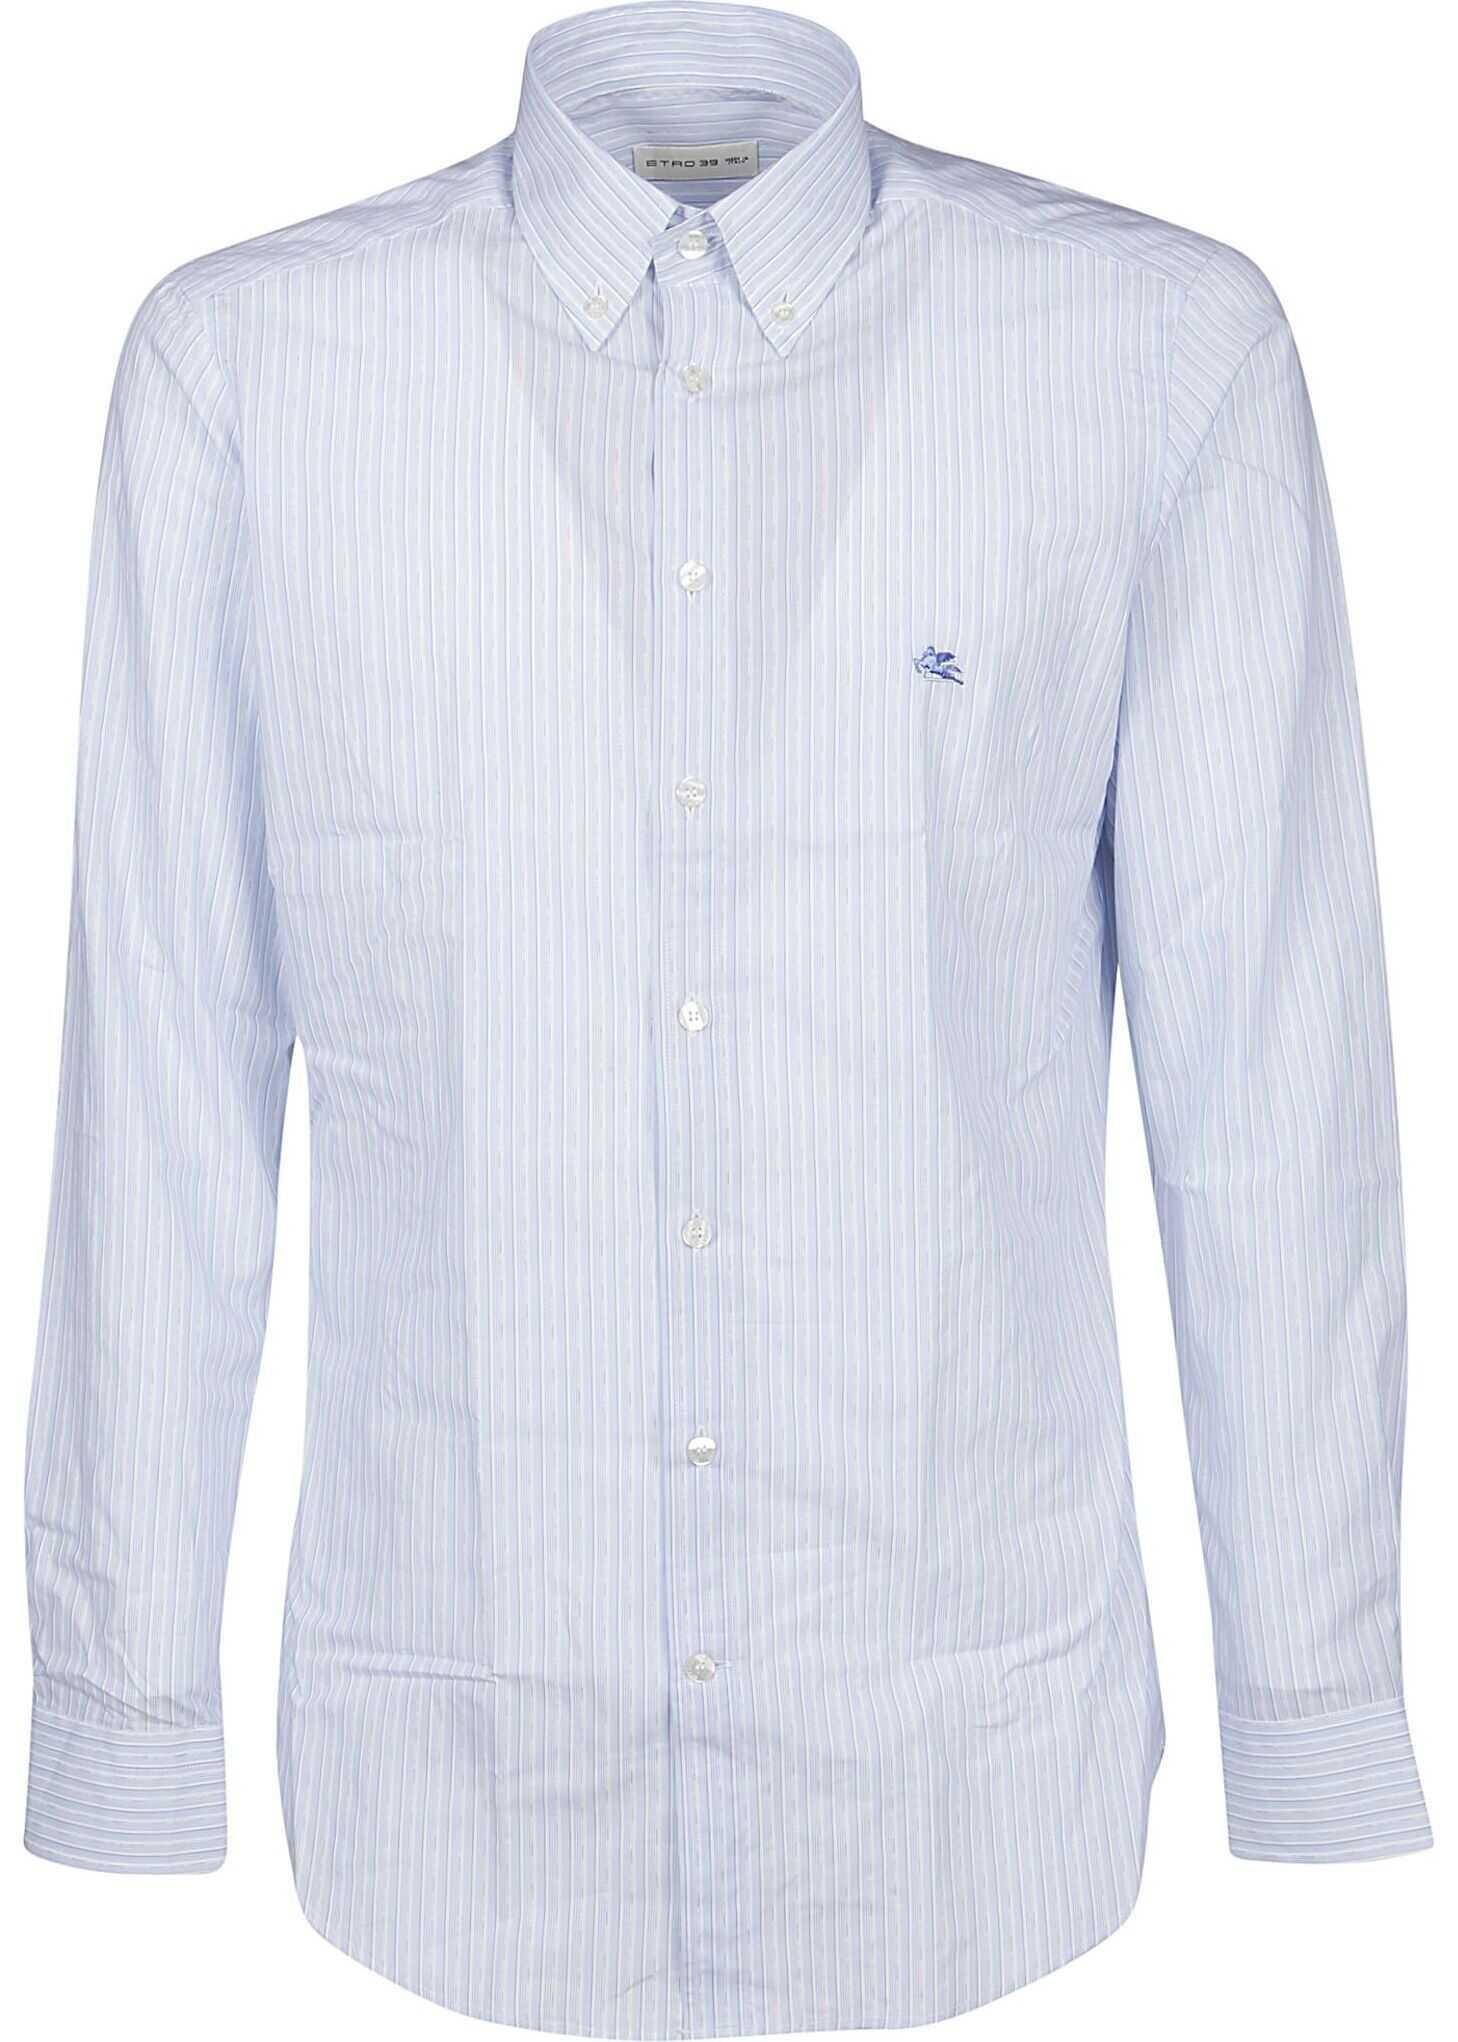 ETRO Cotton Shirt thumbnail